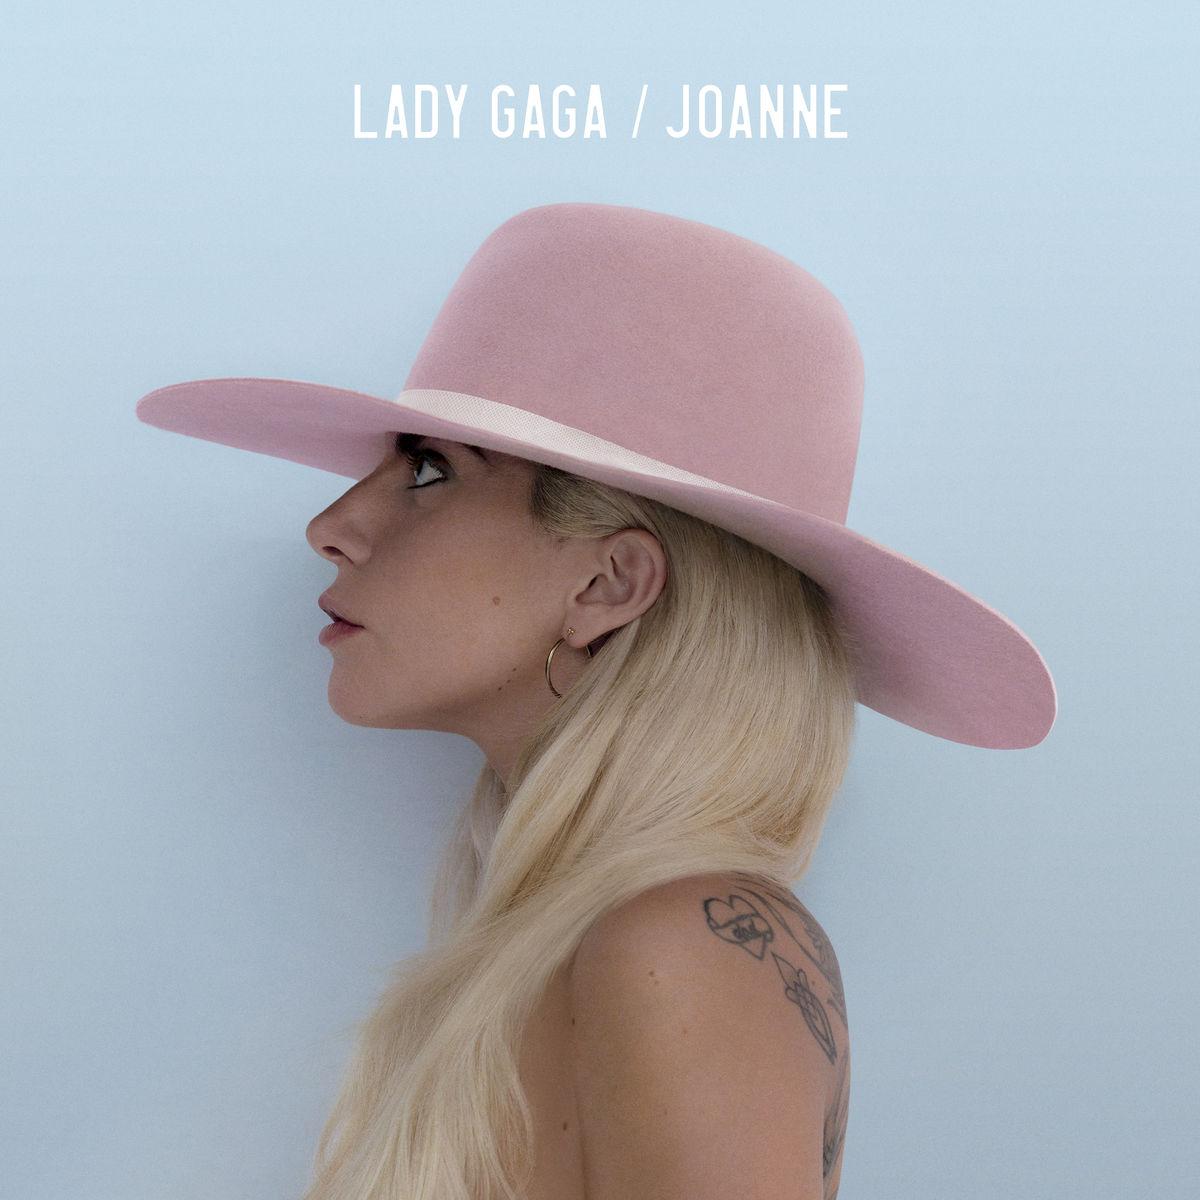 Рецензия на альбом Lady Gaga — Joanne: Оказывается, в душе Гага — танцовщица рок-н-ролла